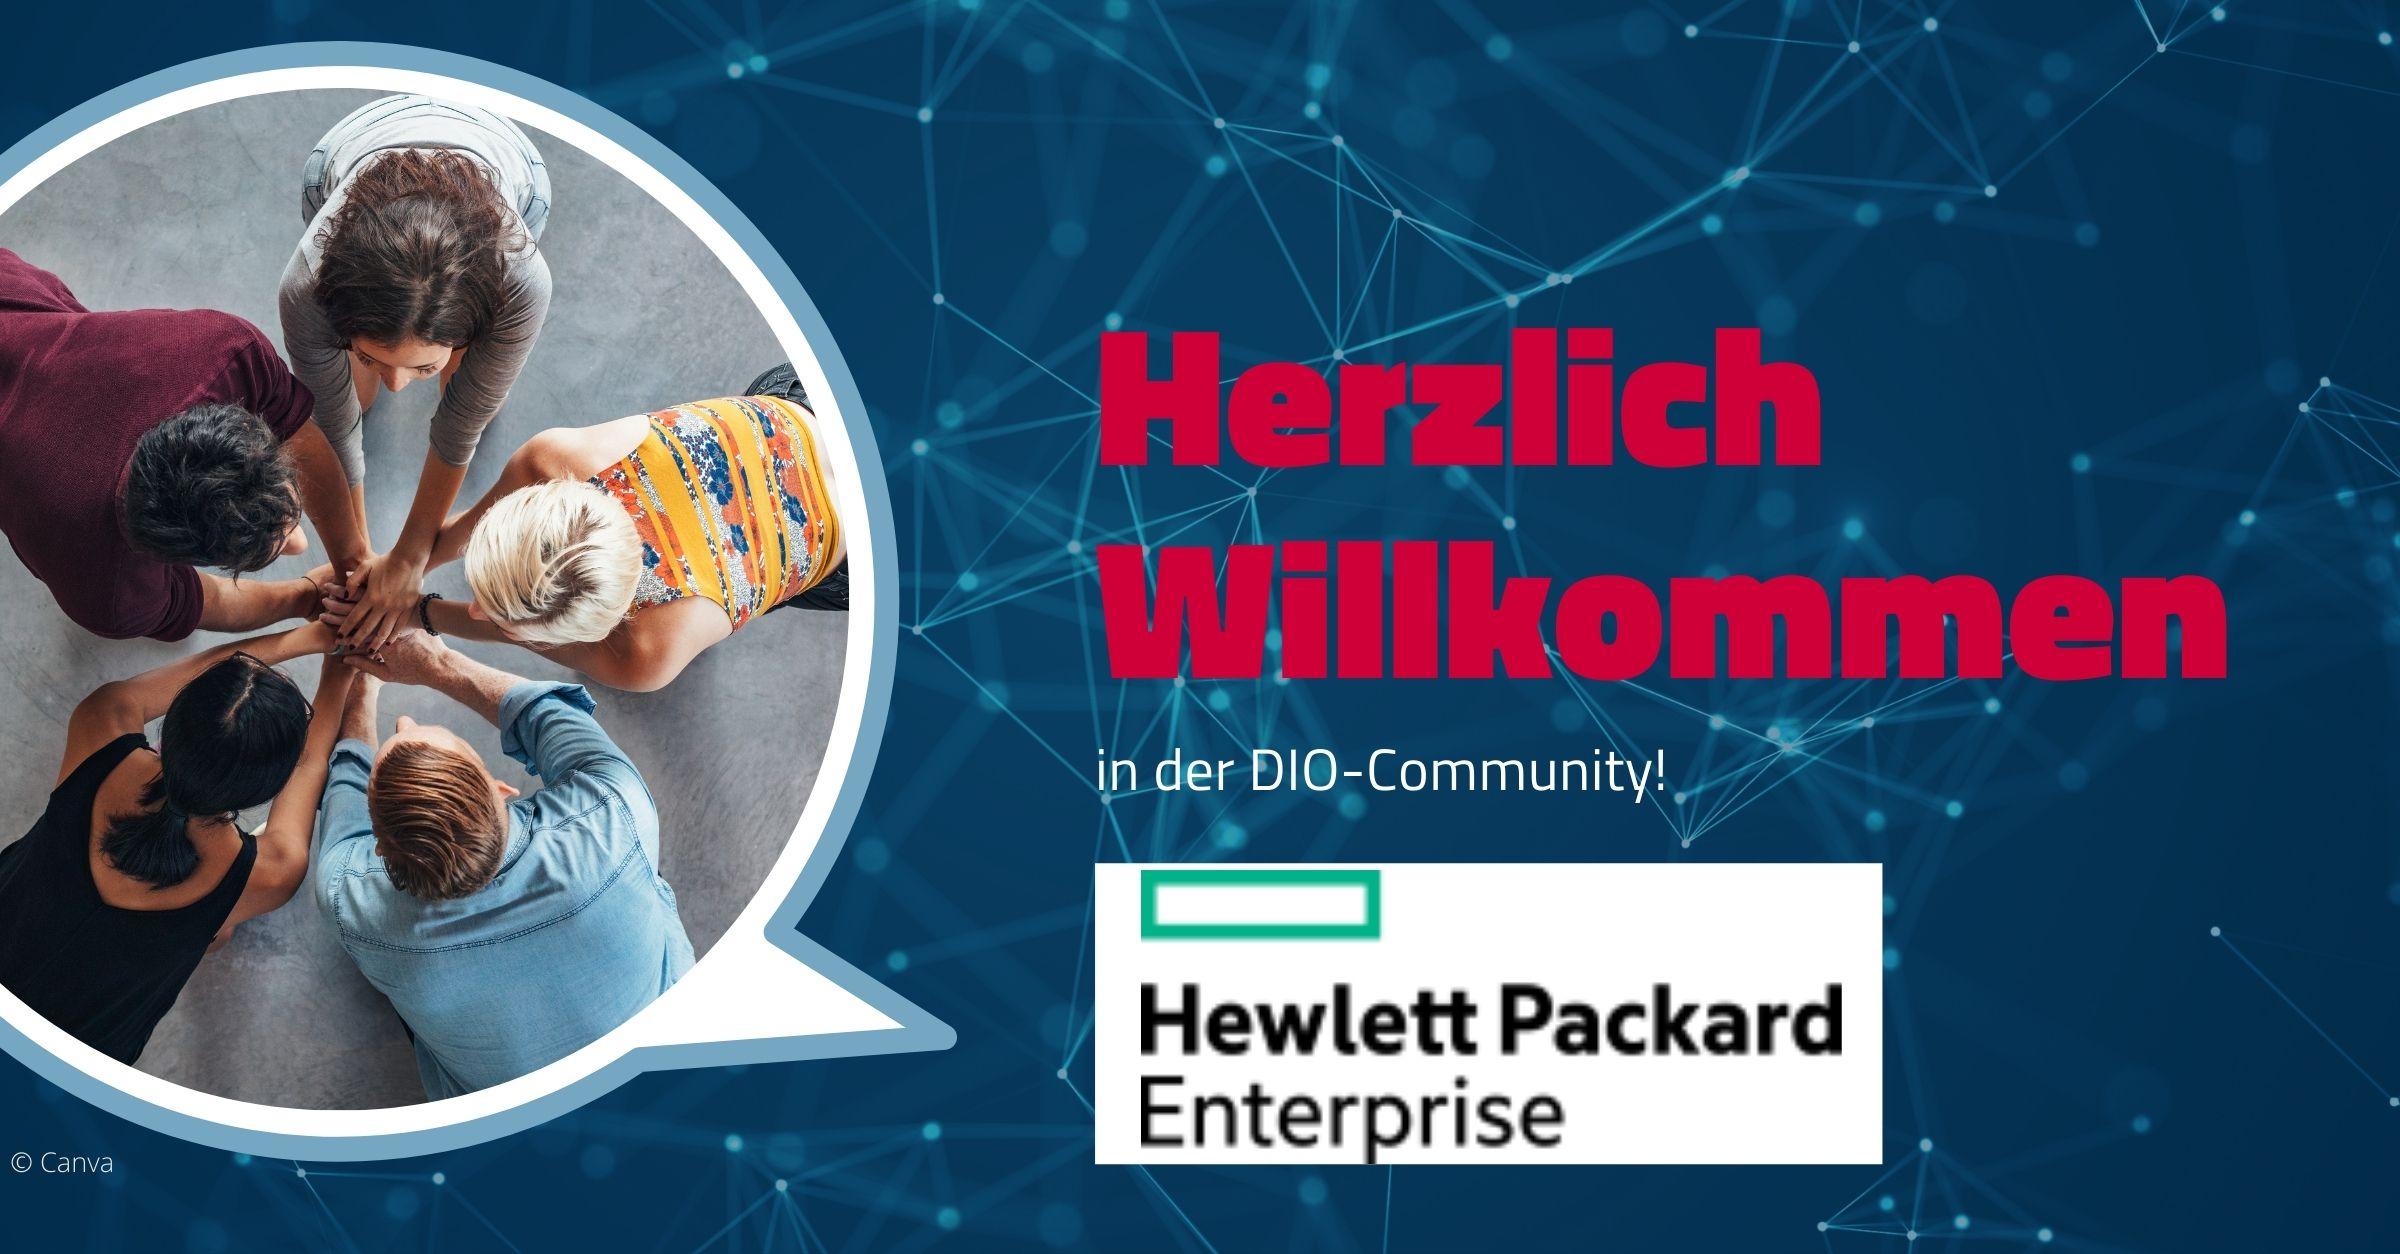 Herzlich Willkommen Hewlett Packard Enterprise